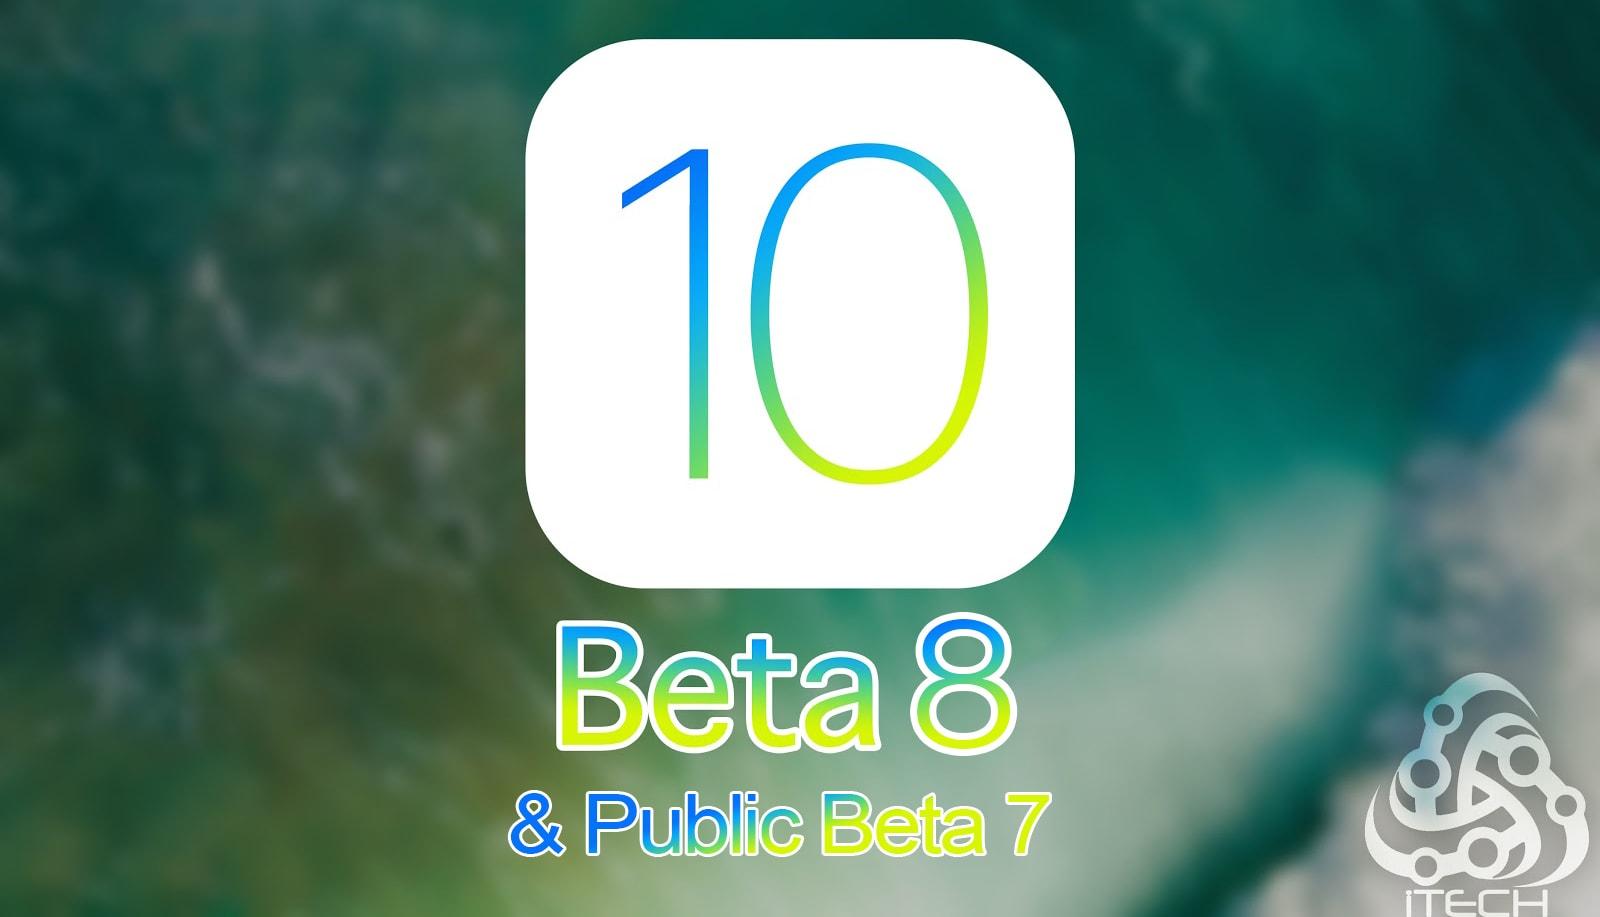 ما الجديد في النسخة التجريبية الثامنة والعامة السابعة من iOS 10